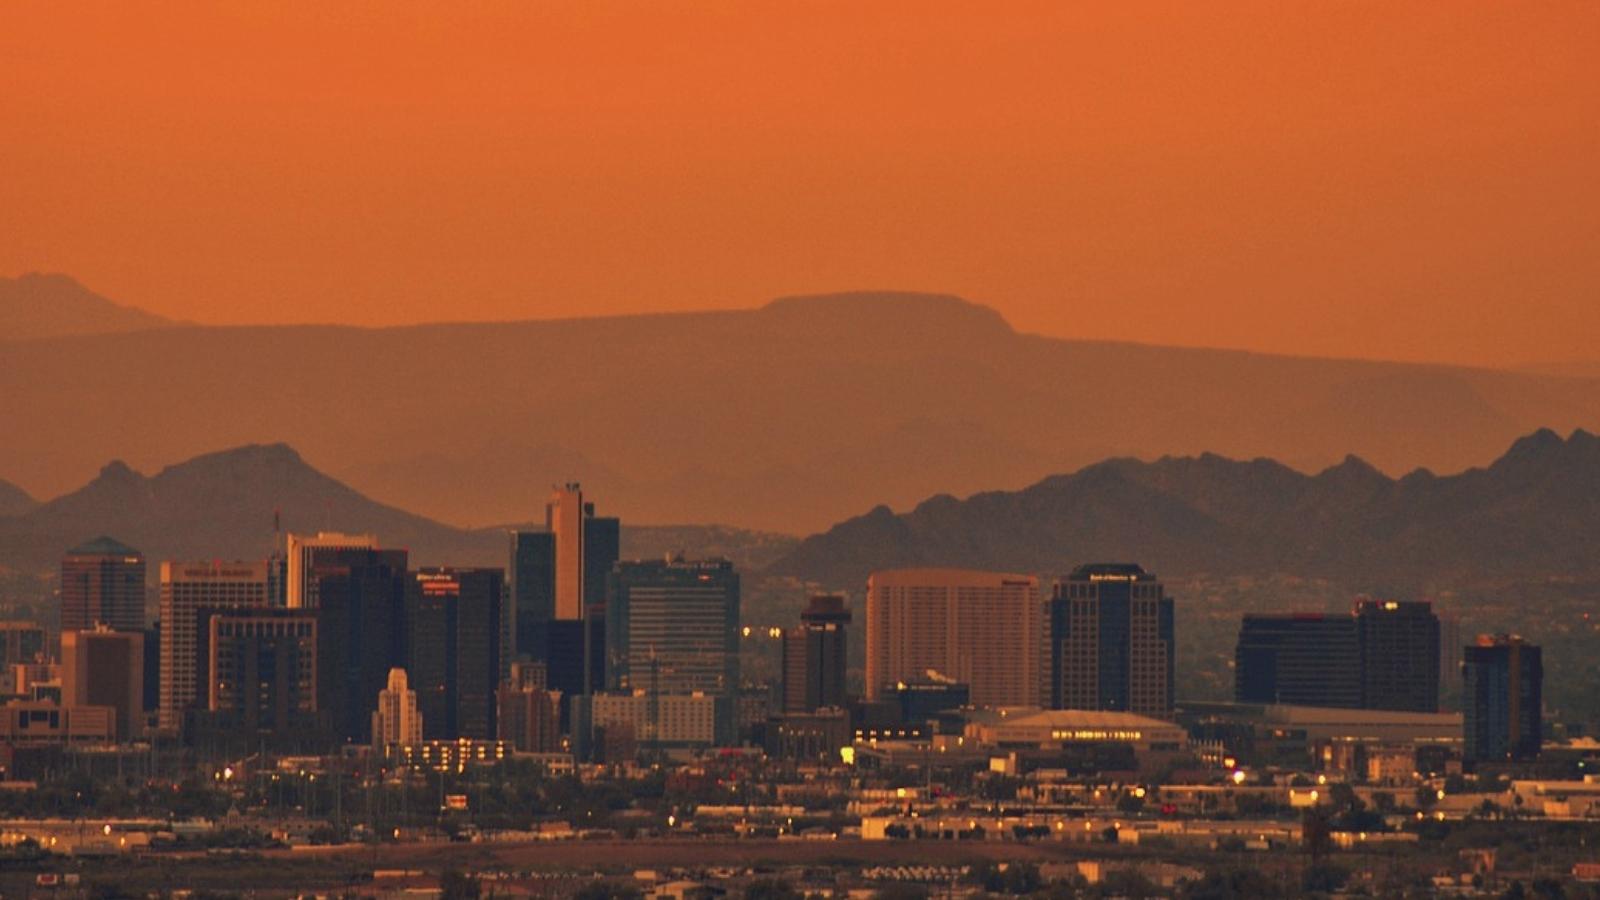 Qu'est-ce qu'une ville résiliente aujourd'hui?